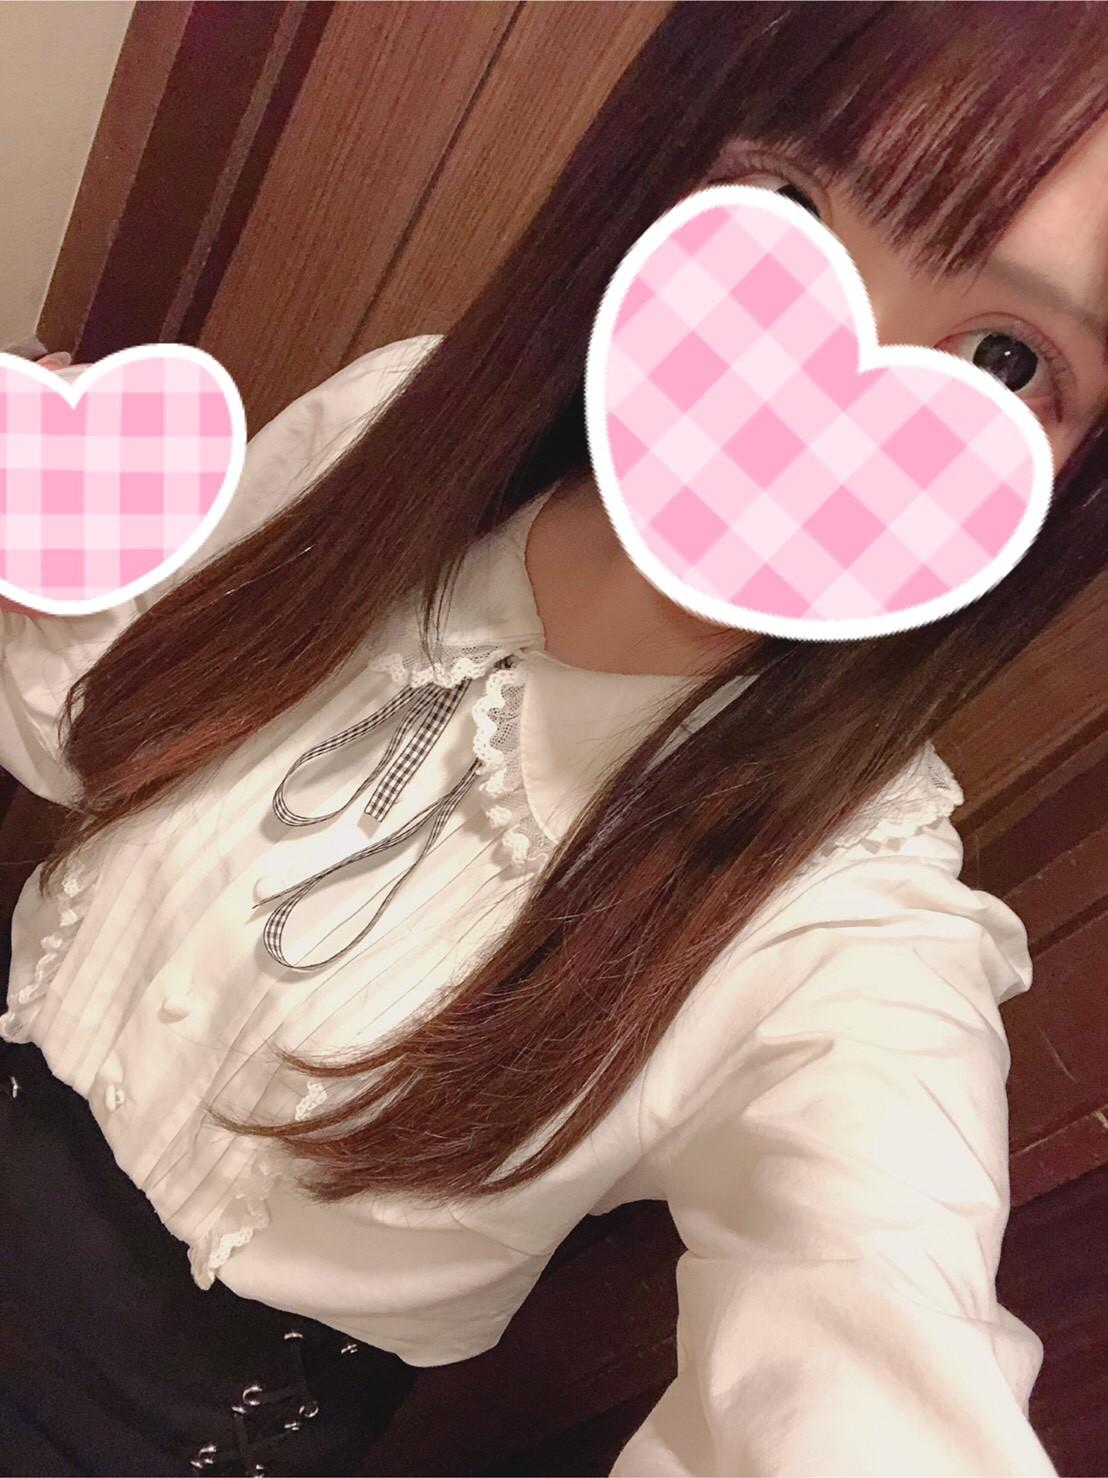 みおん-池袋にファン多数!?-